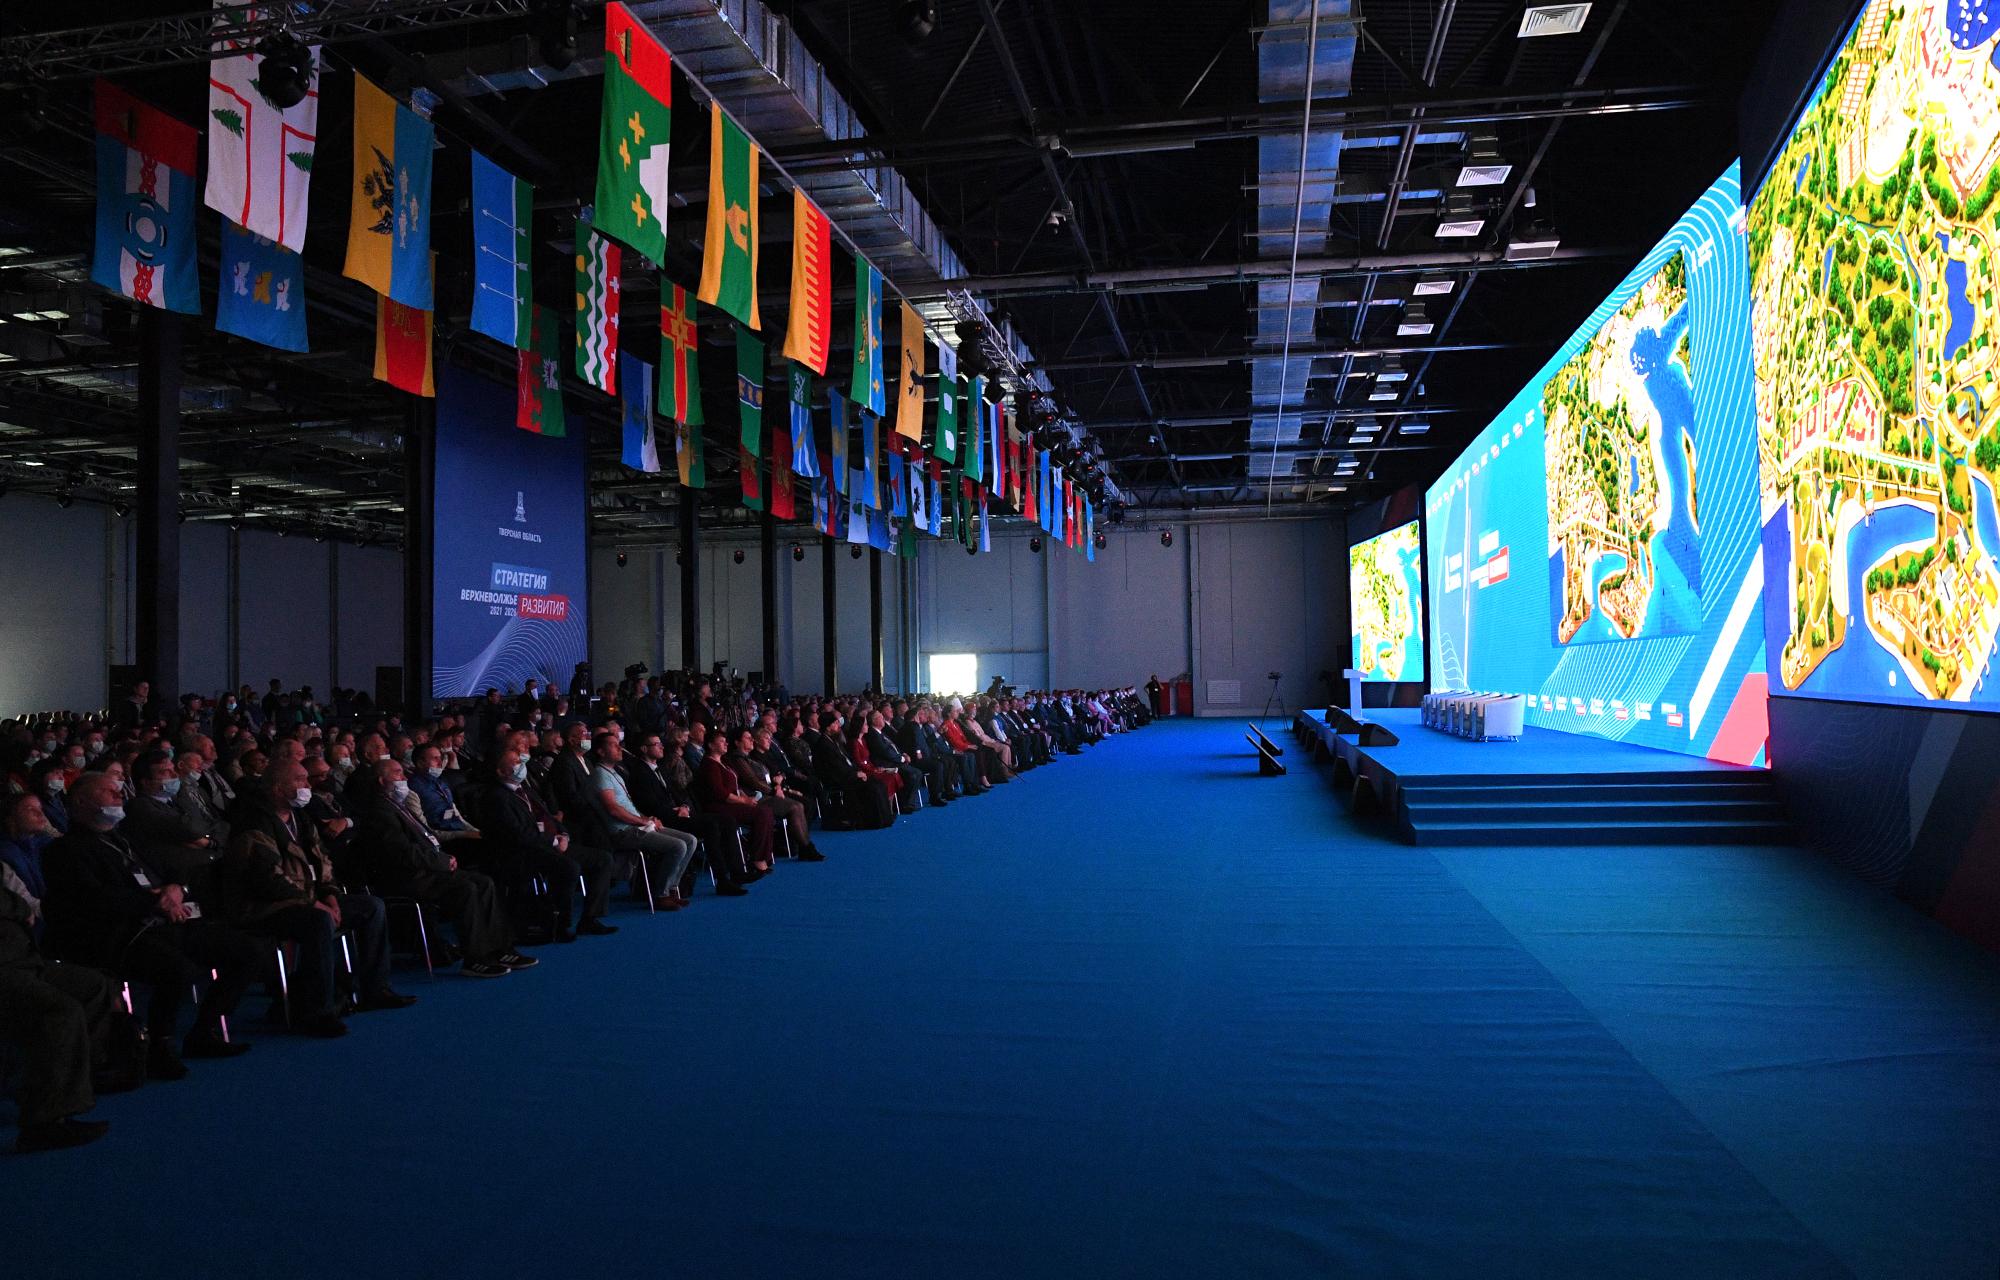 Губернатор Игорь Руденя представил Стратегию развития Тверской области до 2026 года